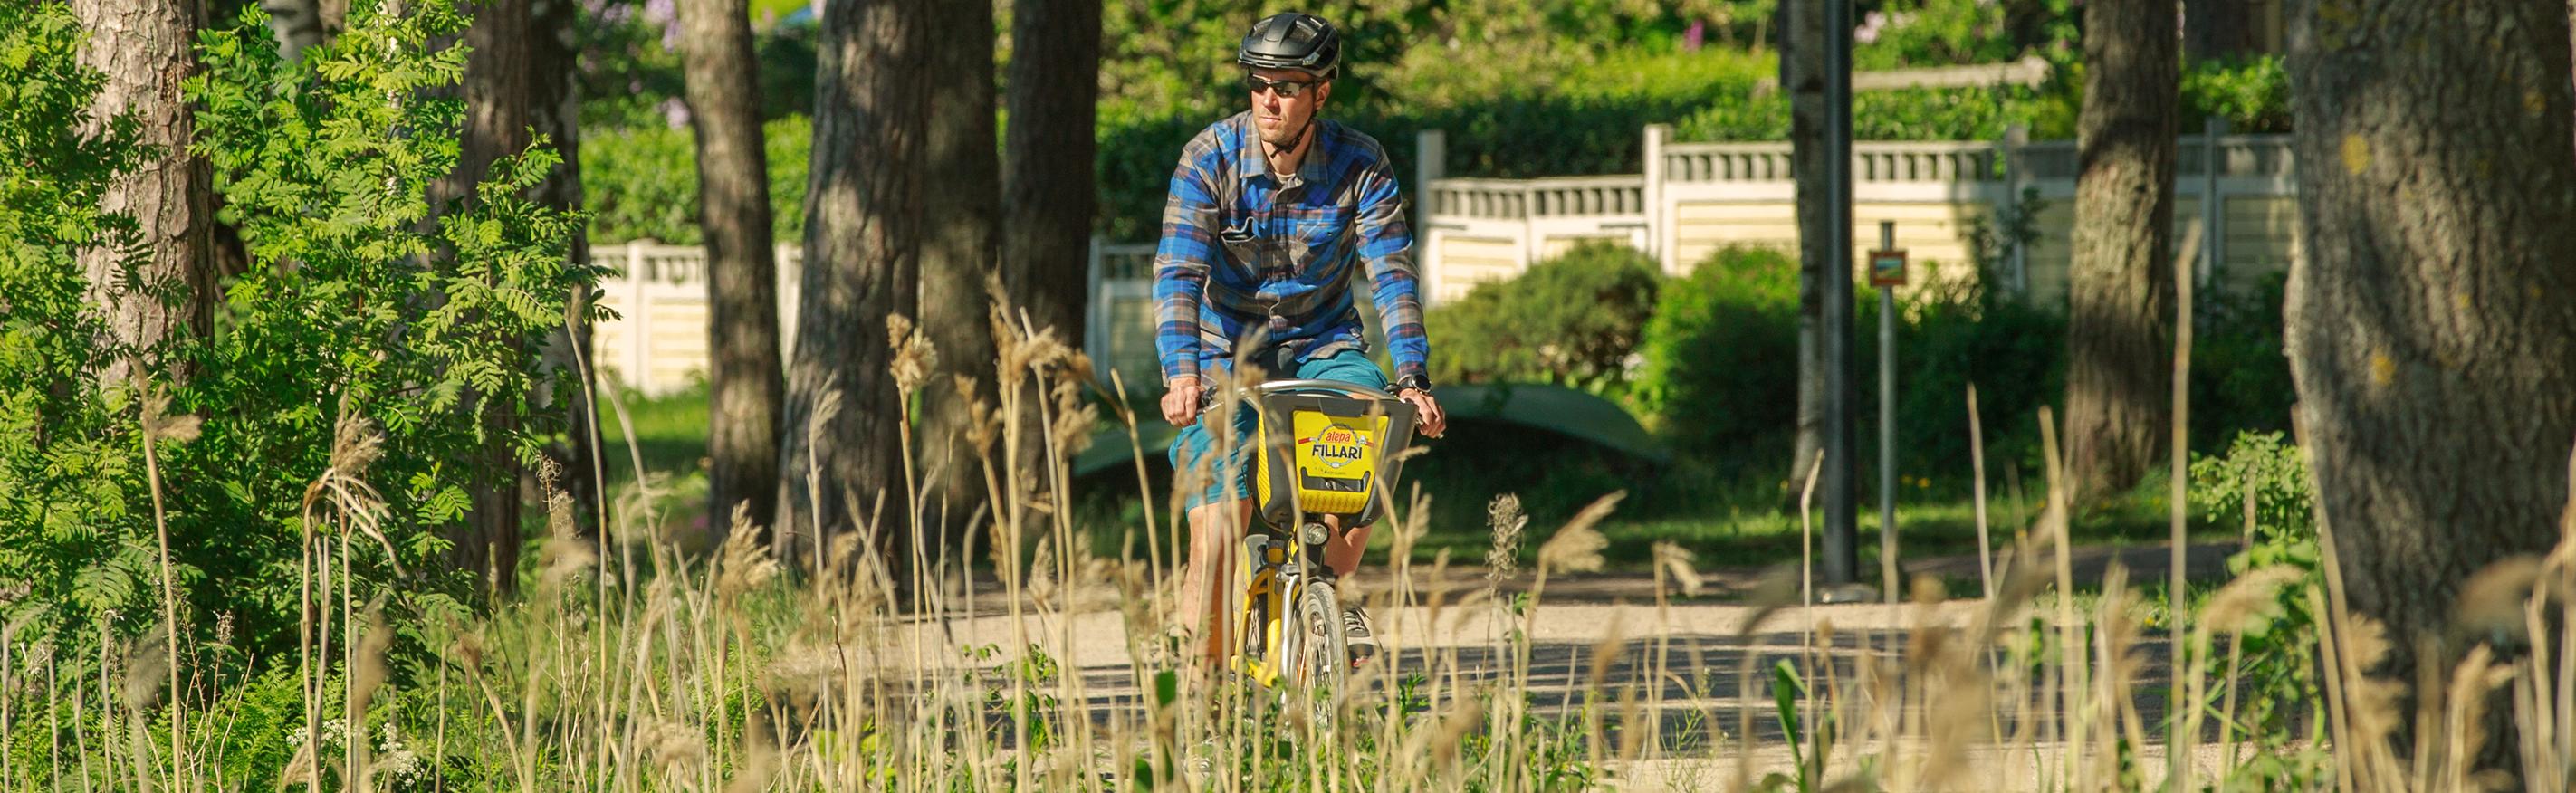 Mies pyöräilee kaupunkipyörällä kesäisellä, heinikoiden reunustamalla Espoon Rantaraitilla.